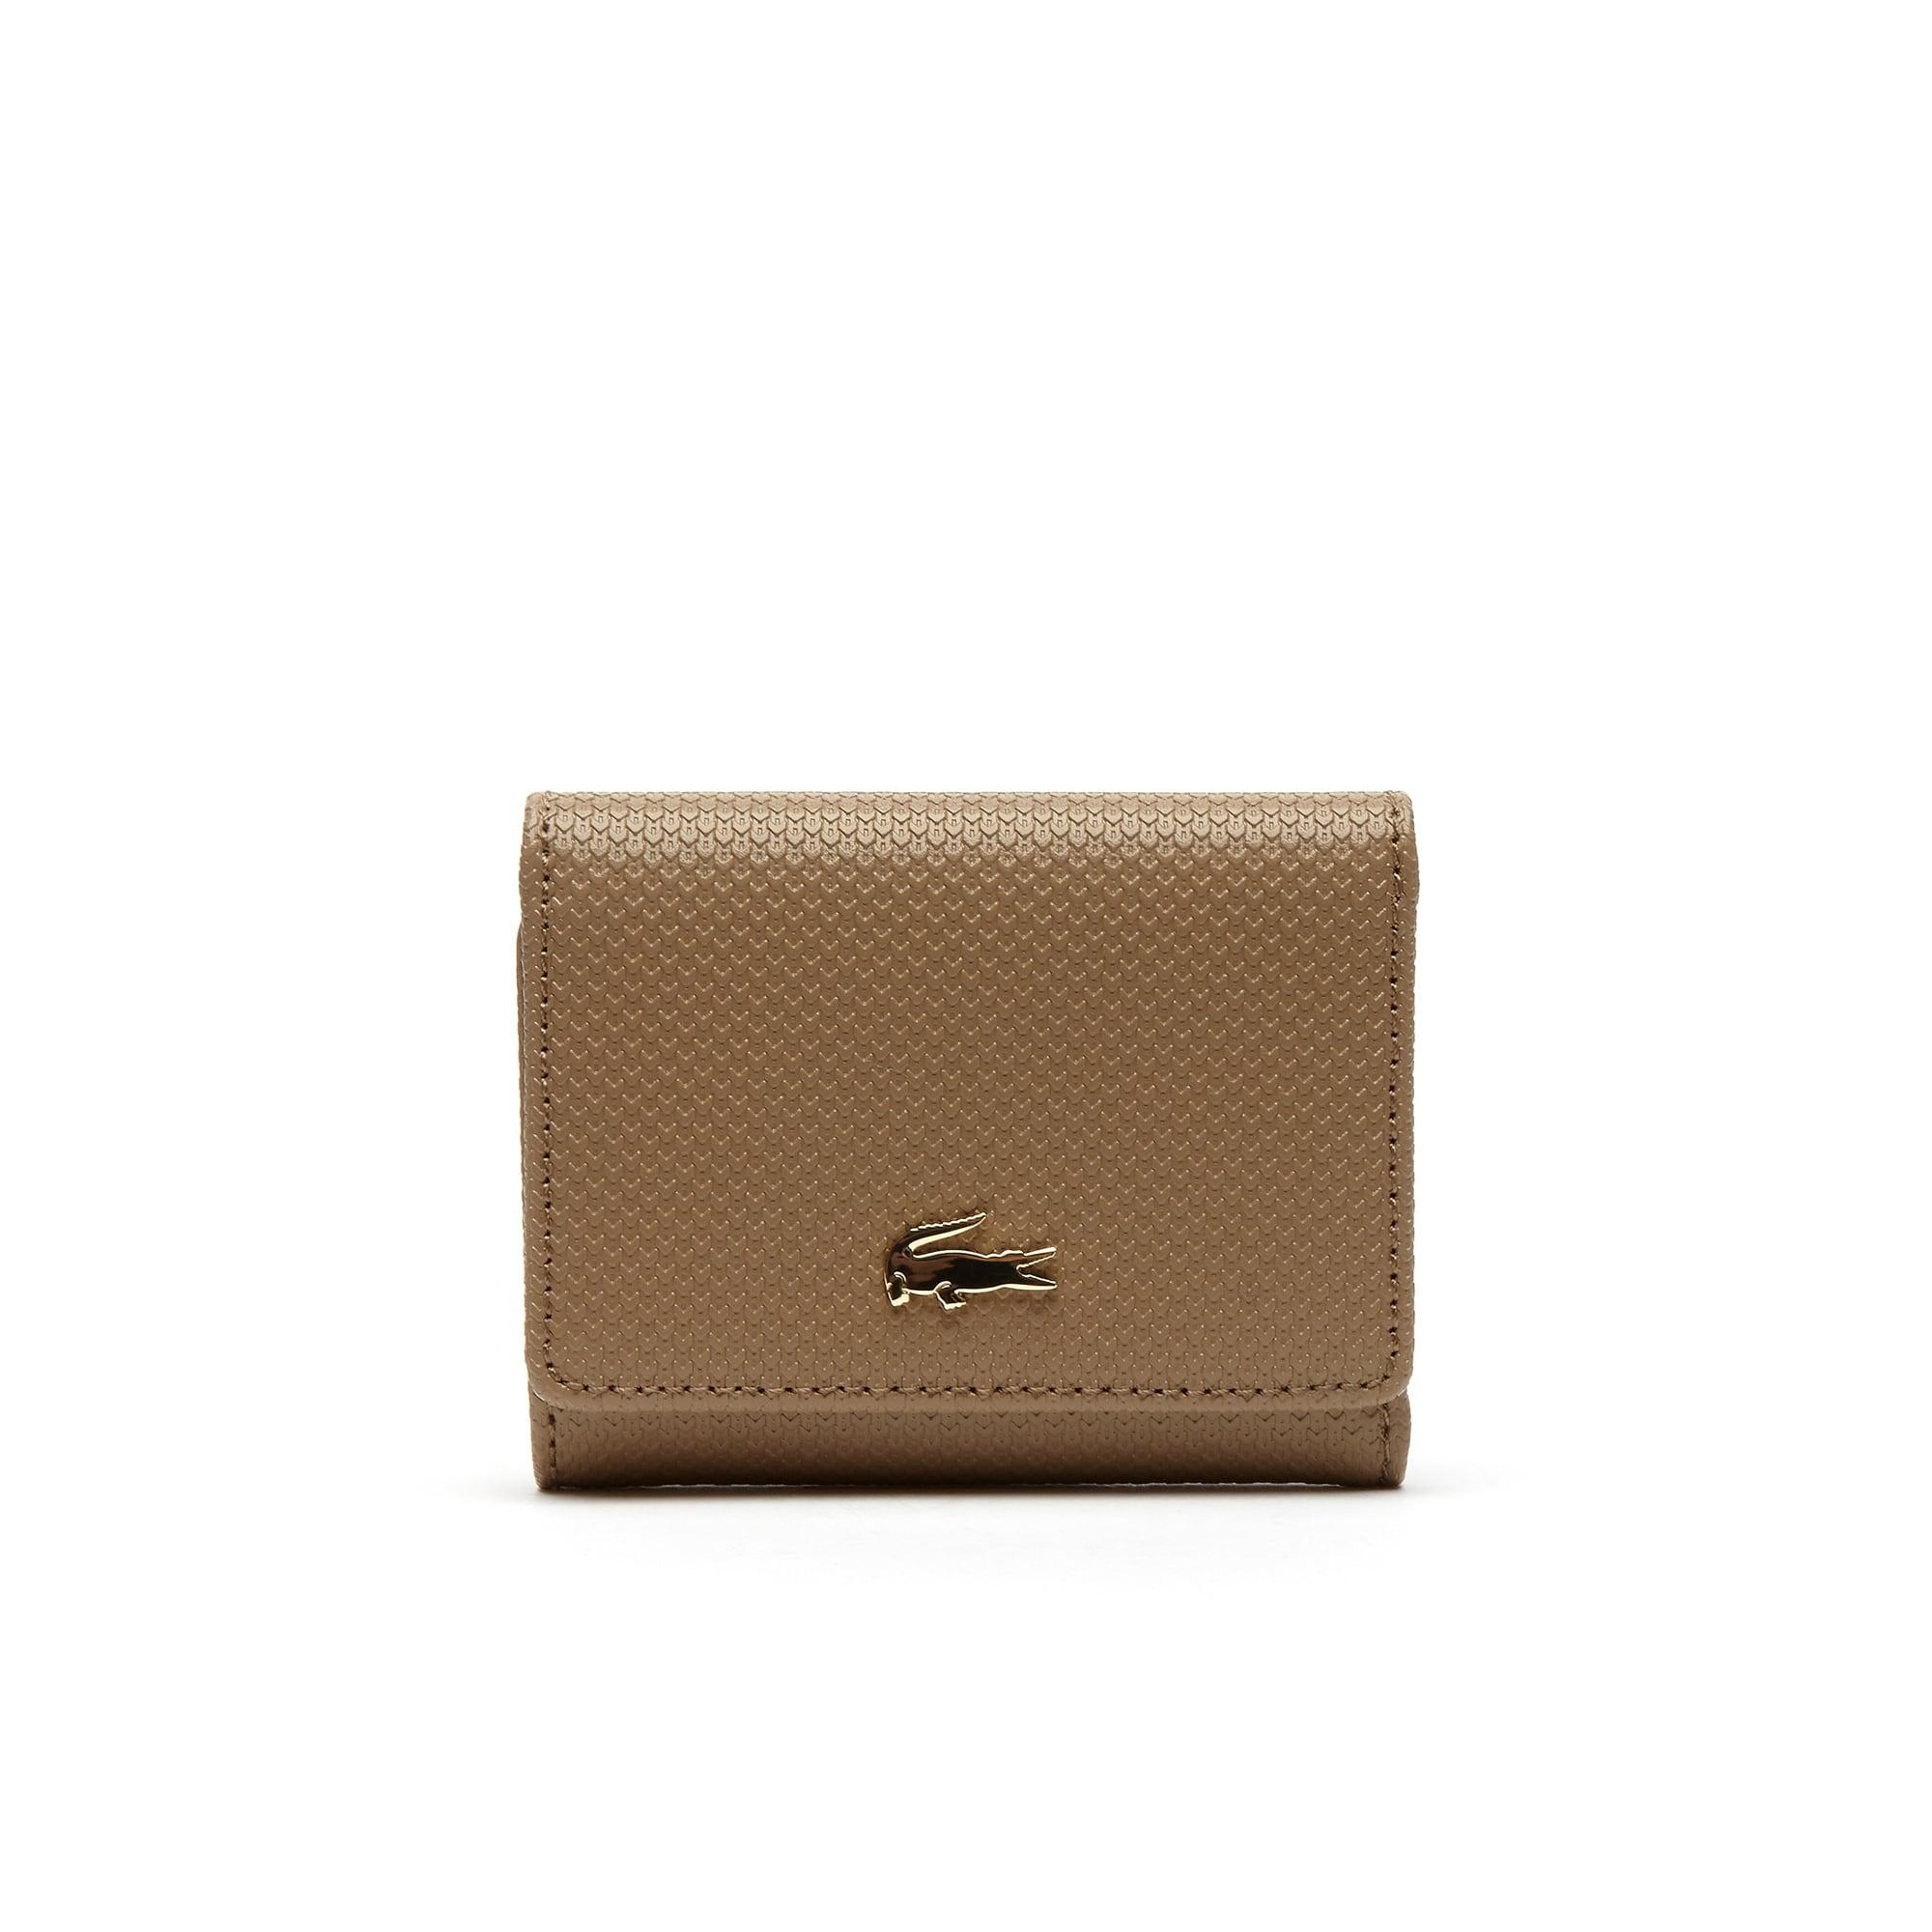 라코스테 지갑 Lacoste Womens Chantaco Pique Leather Six Card Wallet,amphora